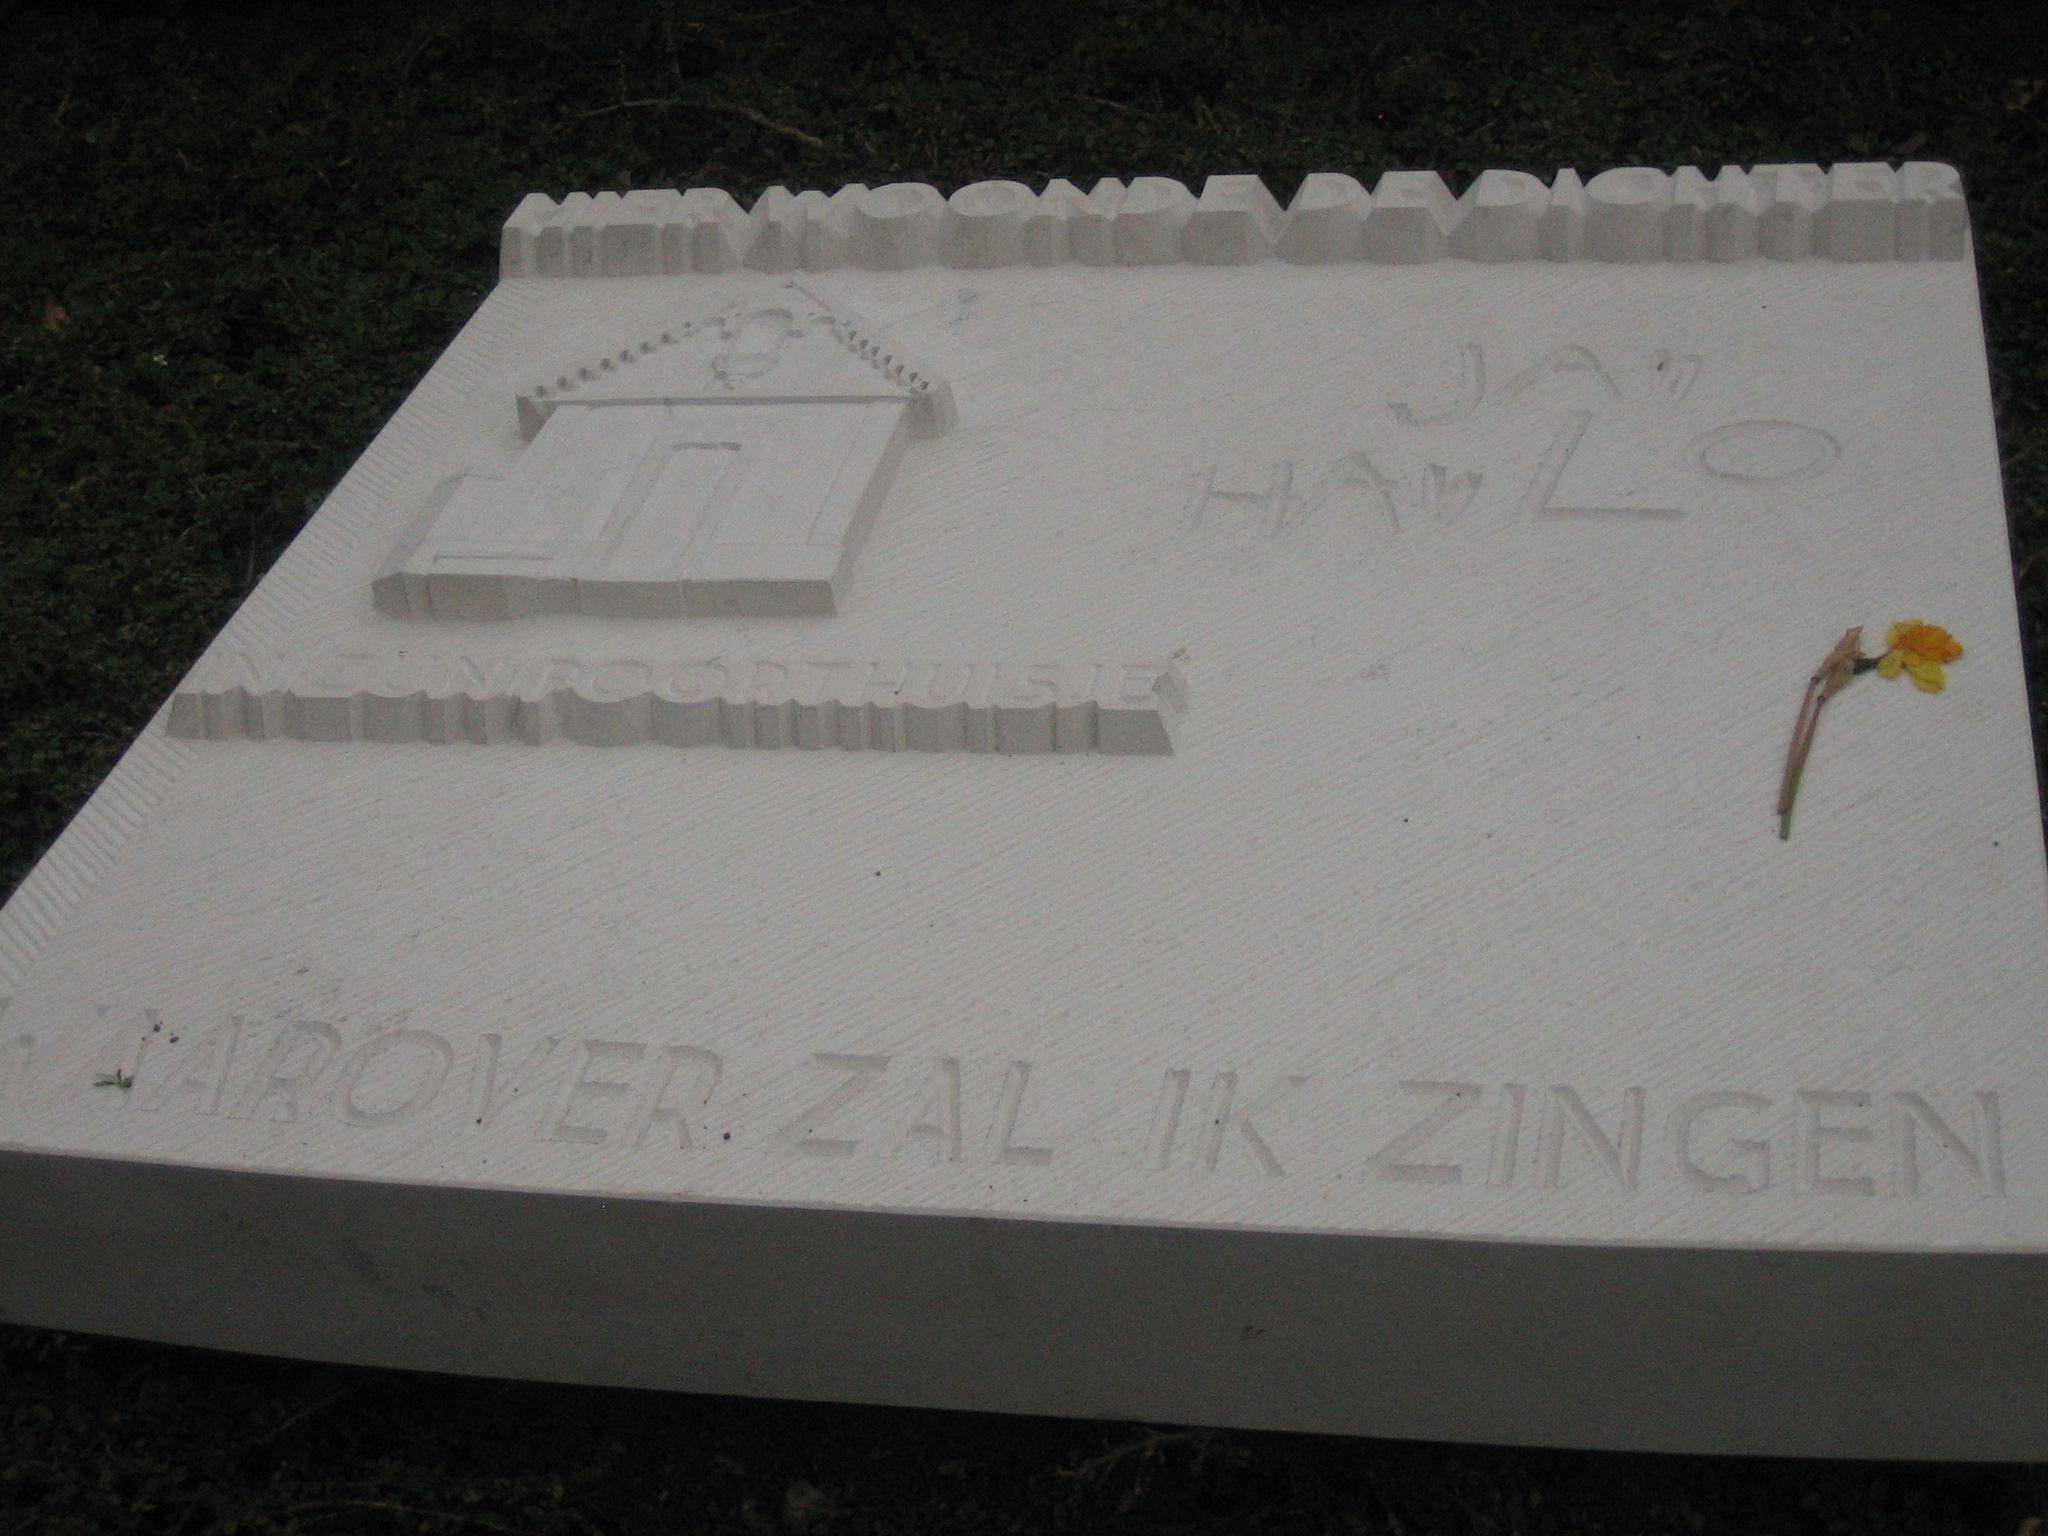 Liggende gedenksteen in het Stiena Ruyperspark Valkenburg, vervaardigd door Tycho Flore in opdracht van de stichting 'Dichter in Beeld'. Met tekst: Hier woonde de dichter in zijn poorthuisje. Een afbeelding van de gesloopte woning en dichtregel van Jan Hanlo: 'waarover zal ik zingen. Op rechterzijde van de steen zijn de jaartallen 1912-1969 aangebracht.